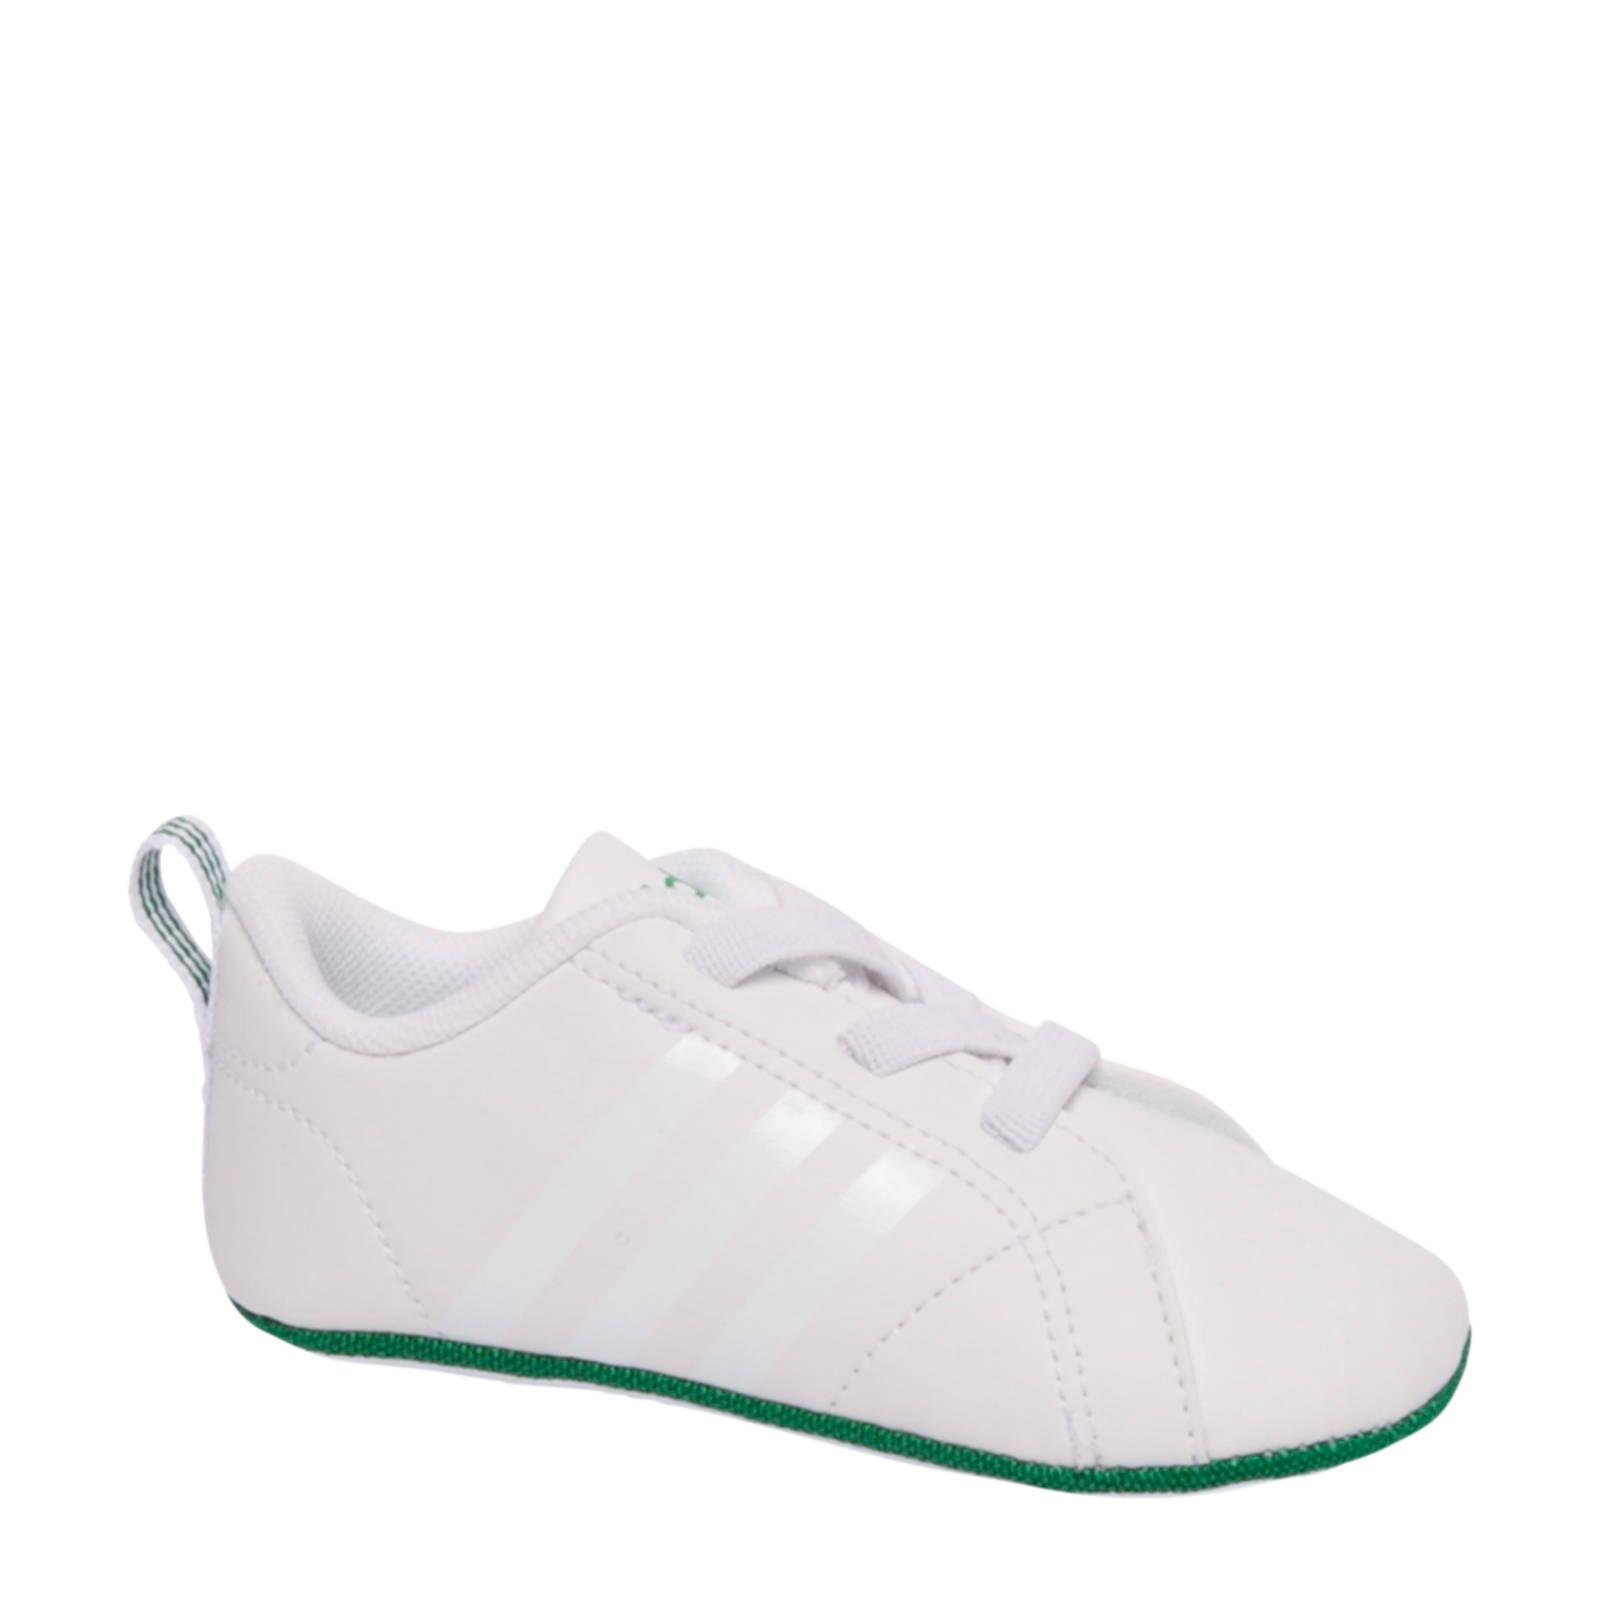 adidas schoenen baby van haren